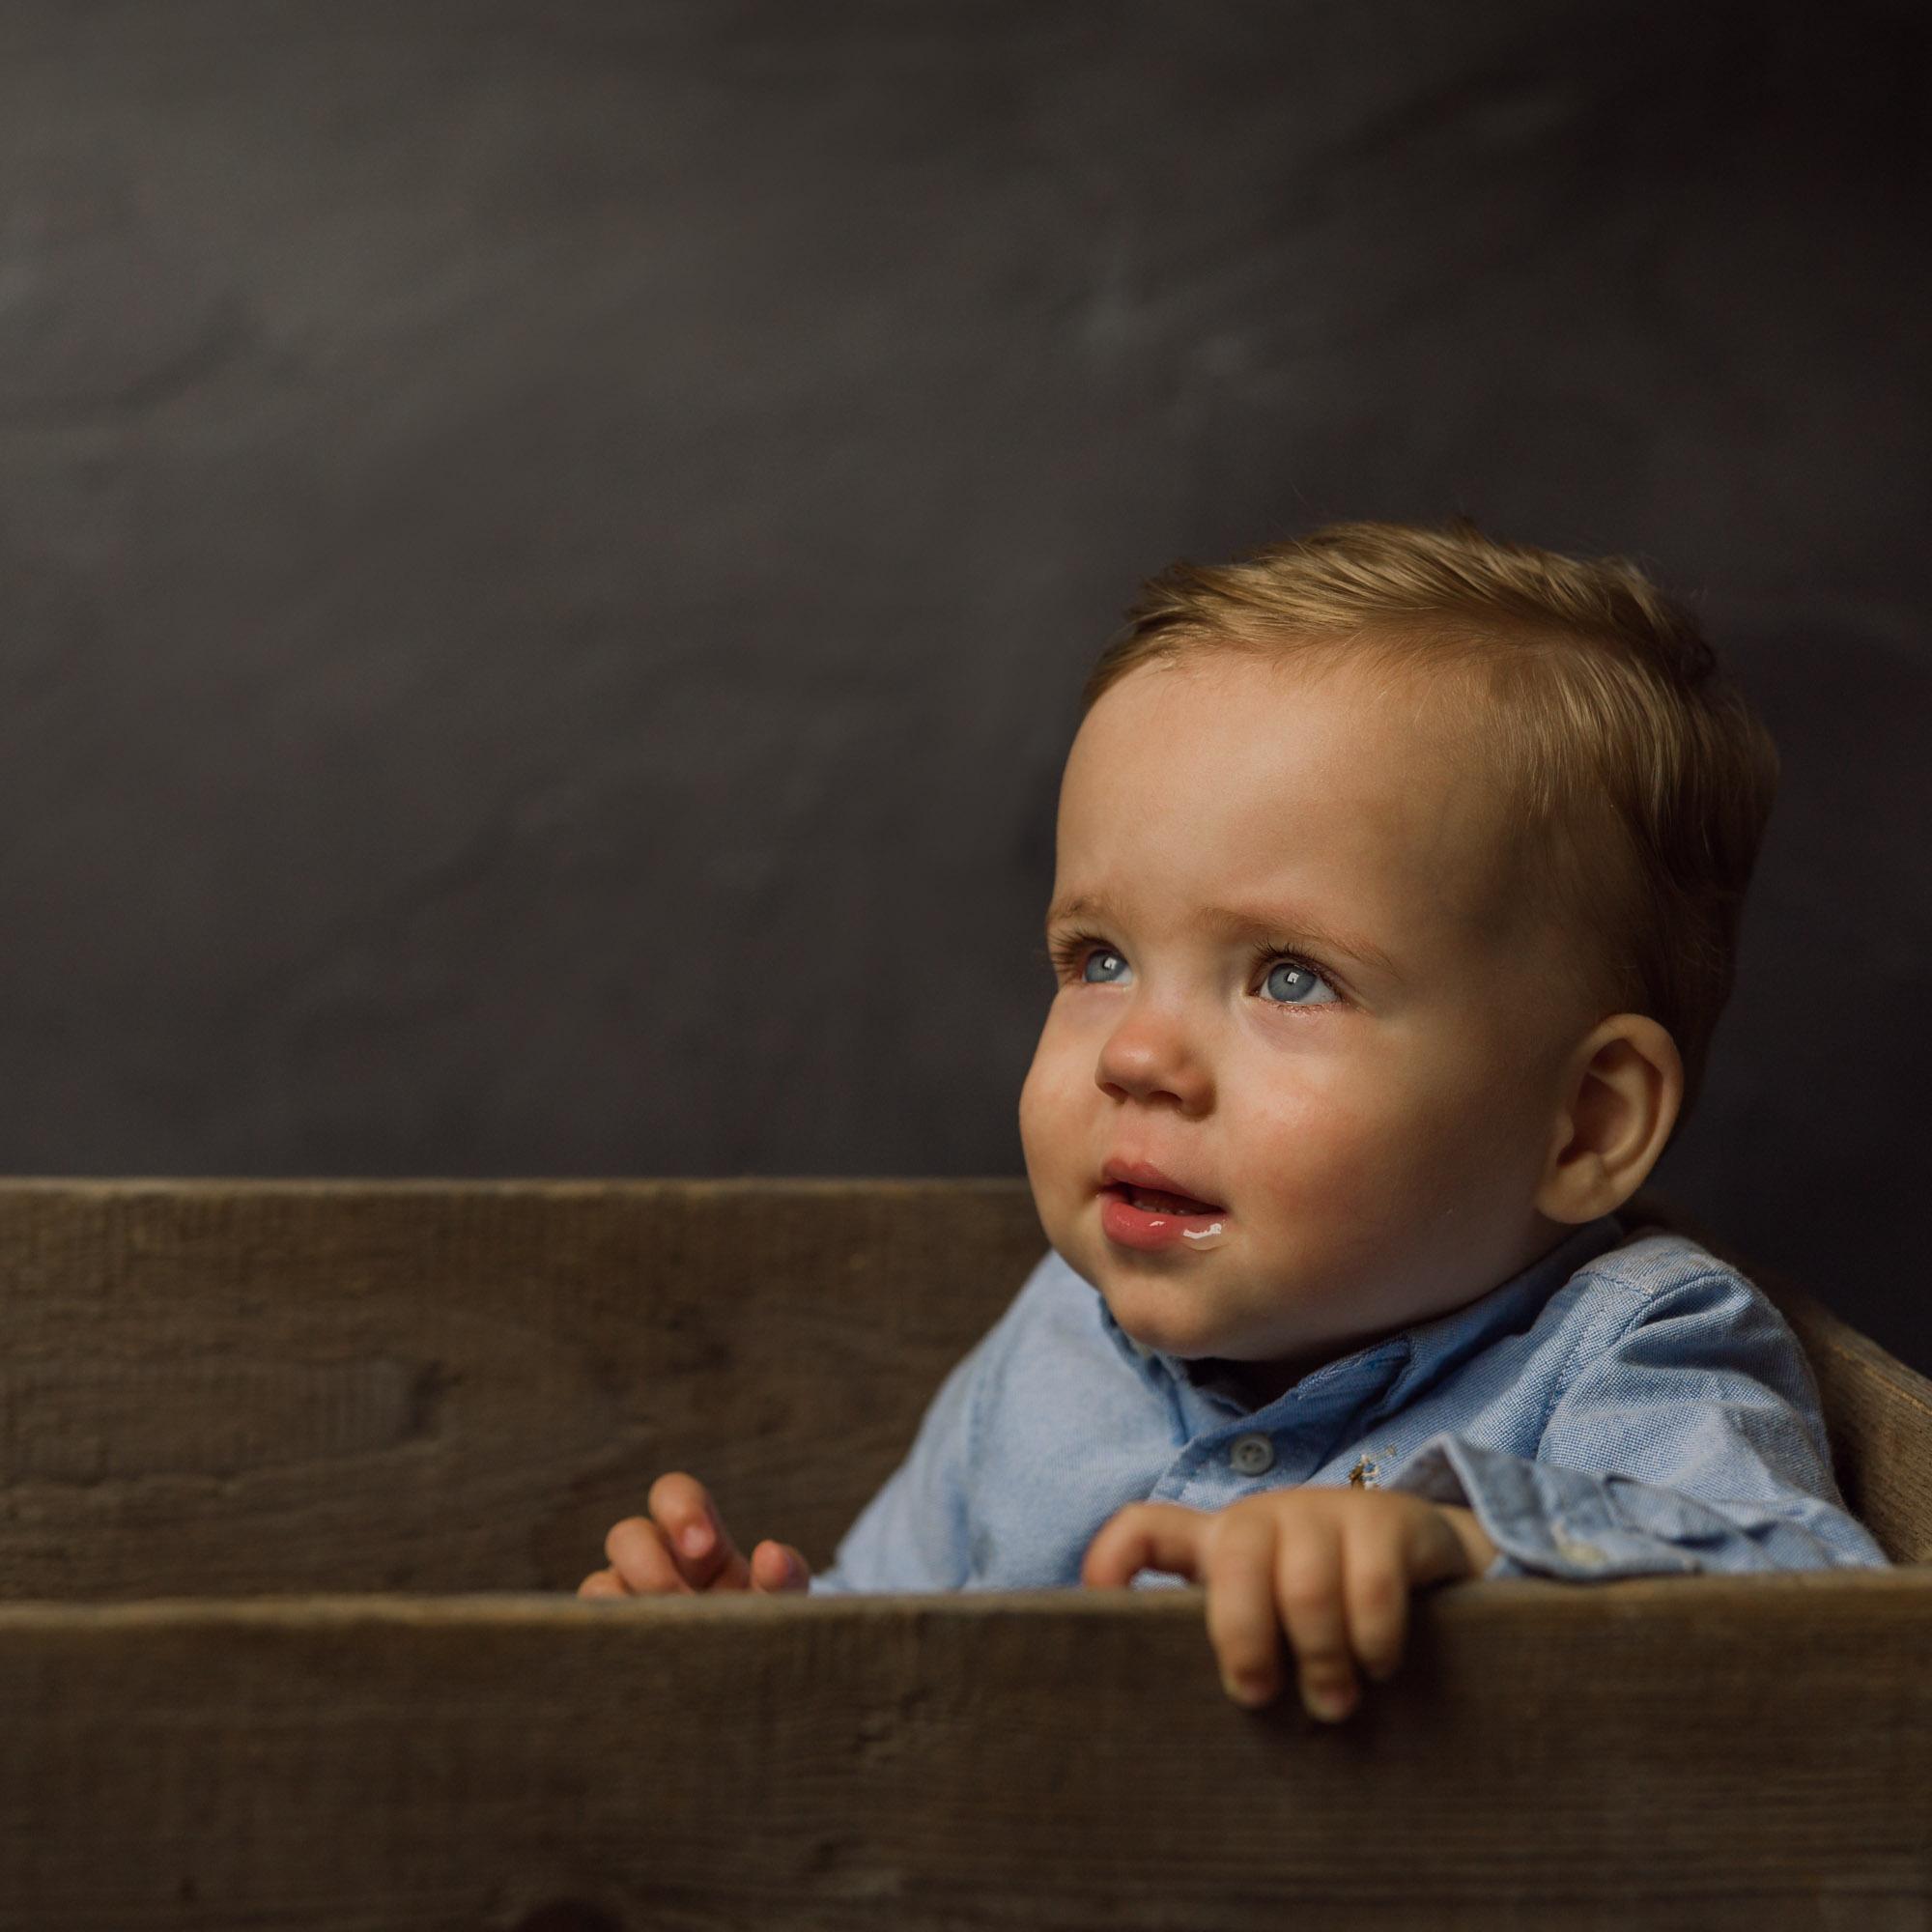 Kinderportret met natuurlijk licht in daglicht fotostudio door Mayra Fotografie